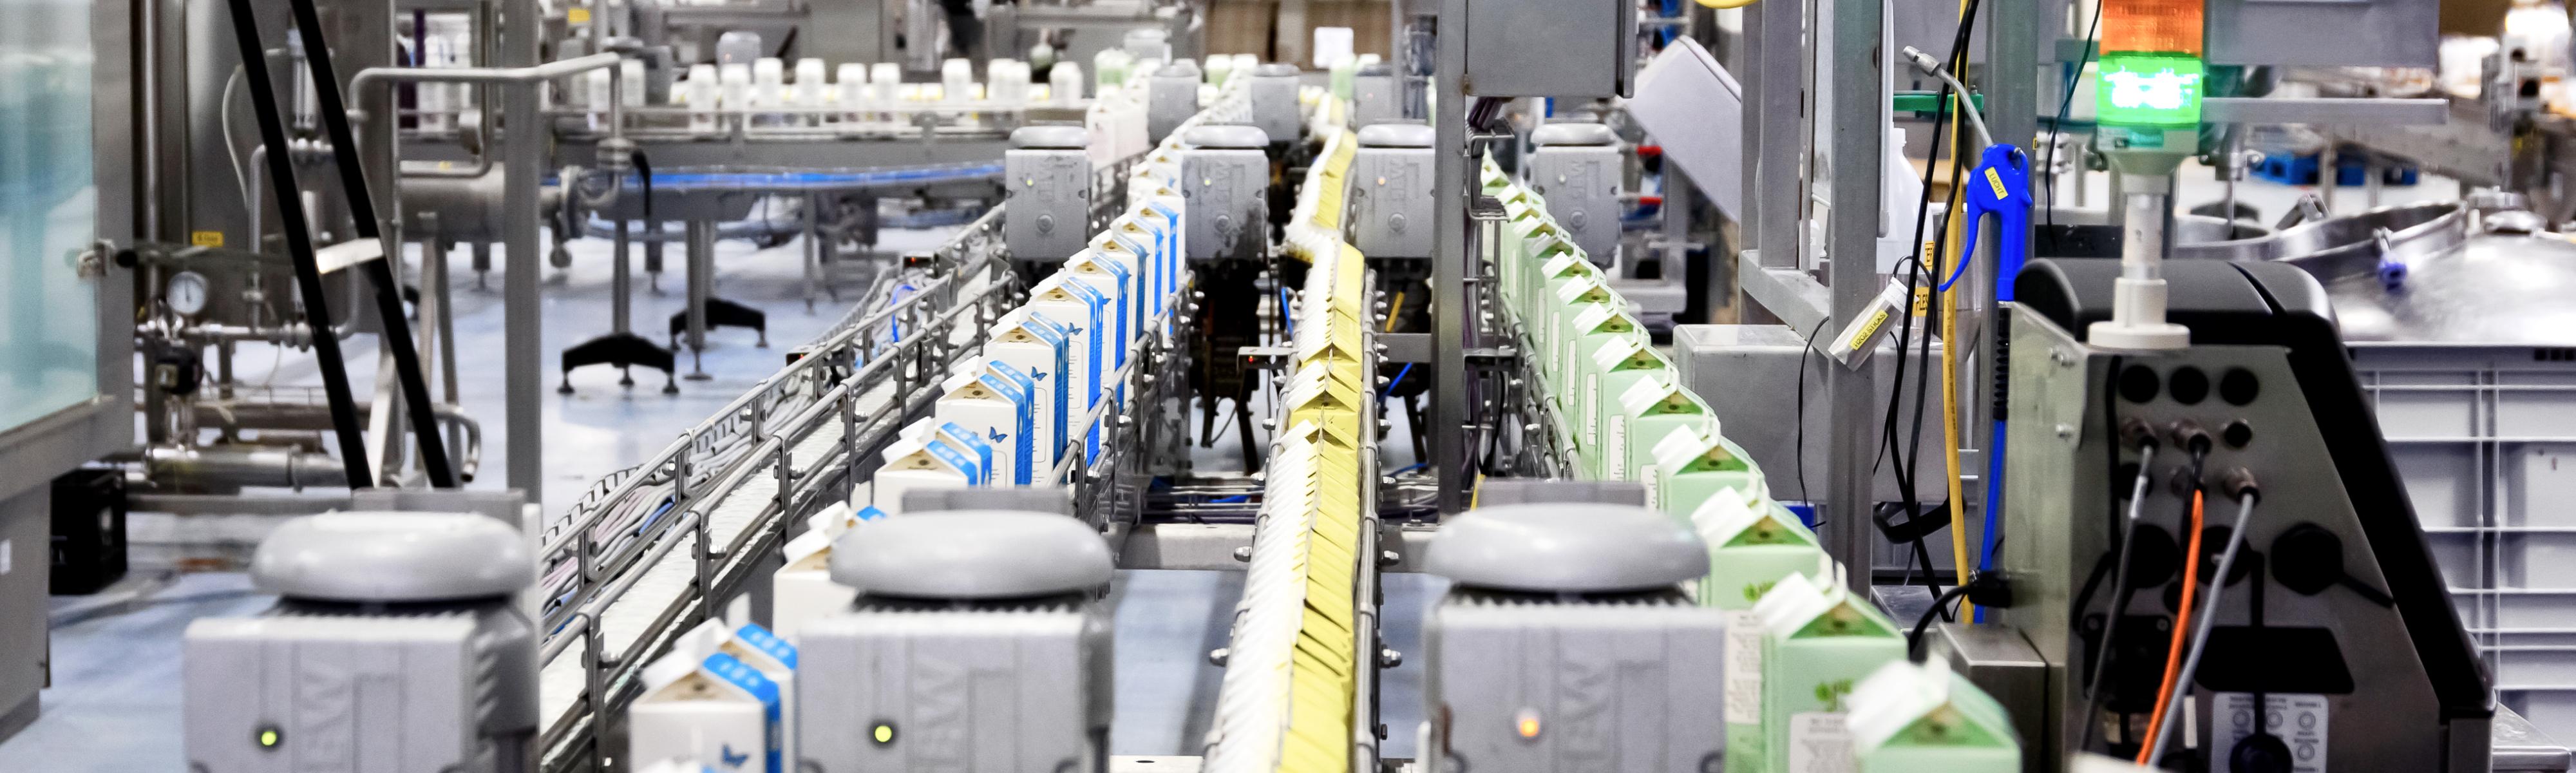 Pakken melk in de melkfabriek